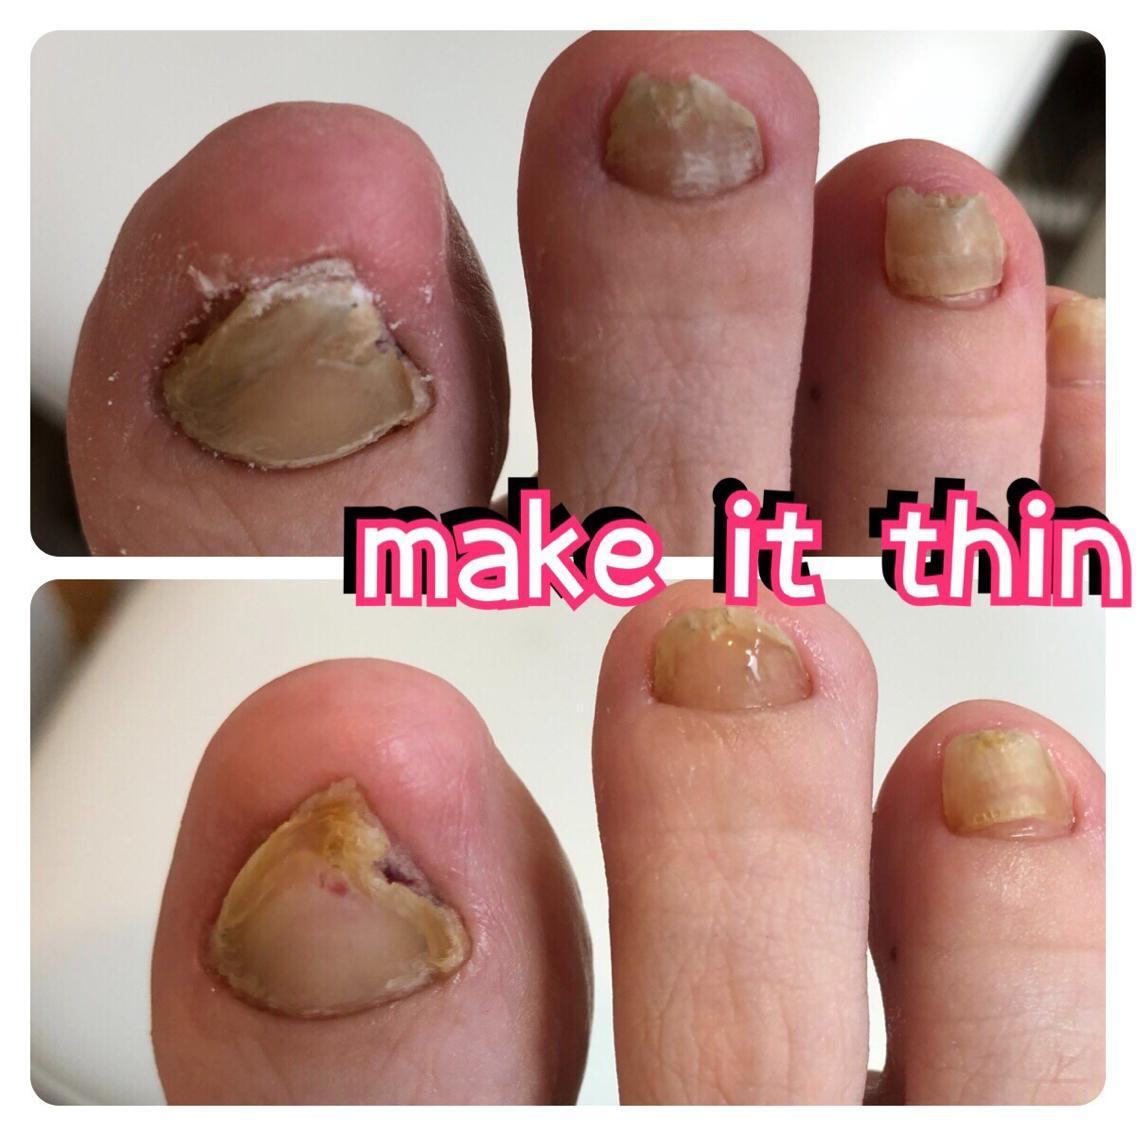 ネイル 肥厚した爪が痛いお客様削って薄くしました靴が当たら